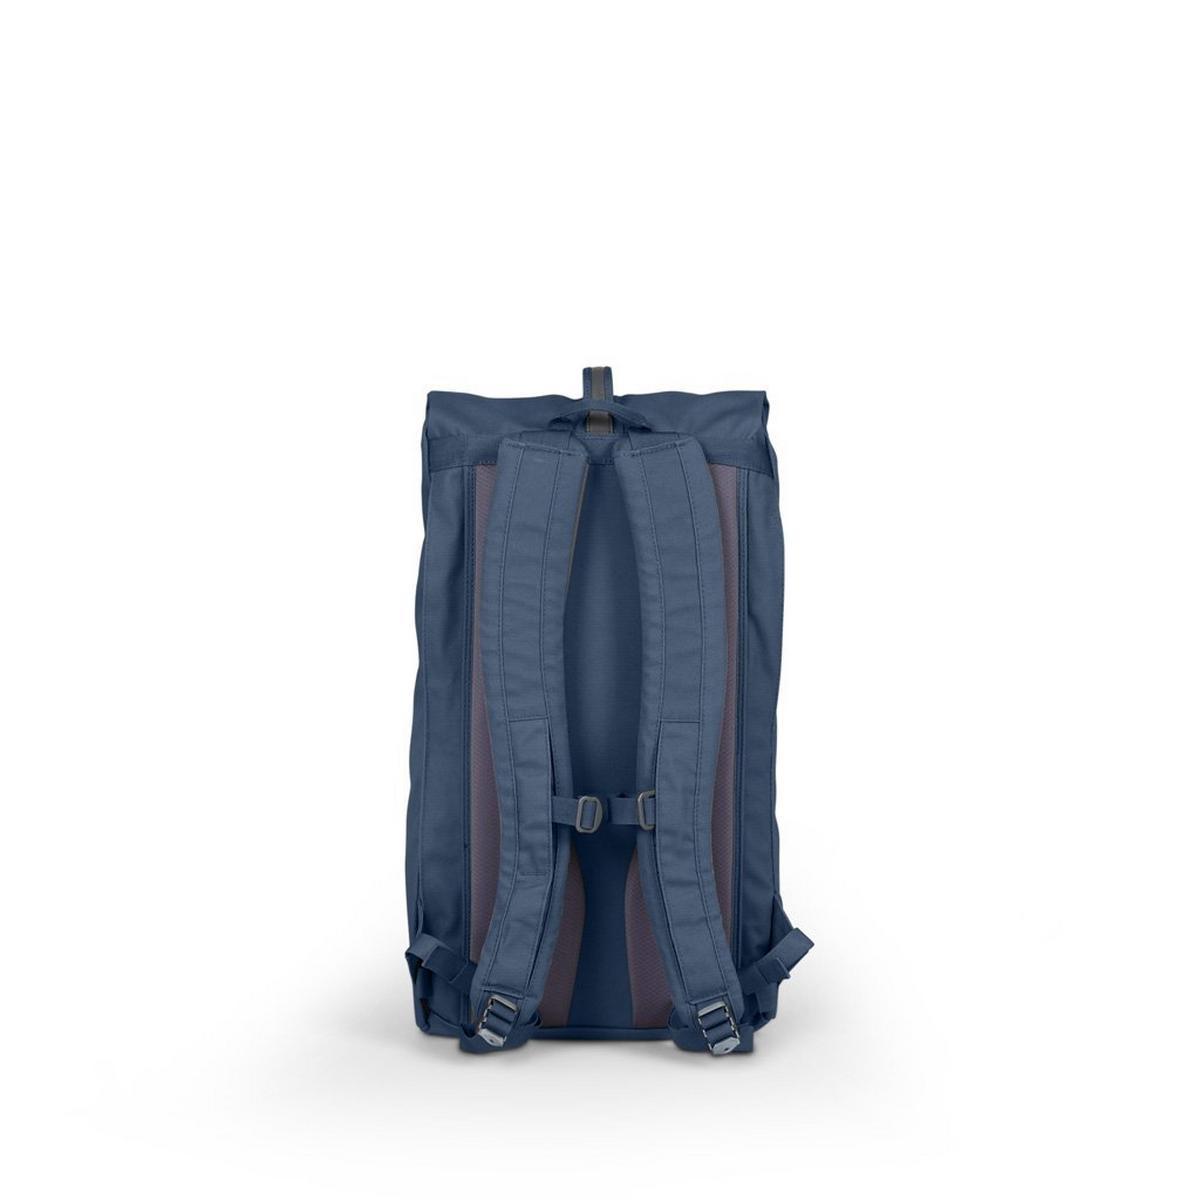 Millican Travel Bag Fraser the Rucksack 18L Slate